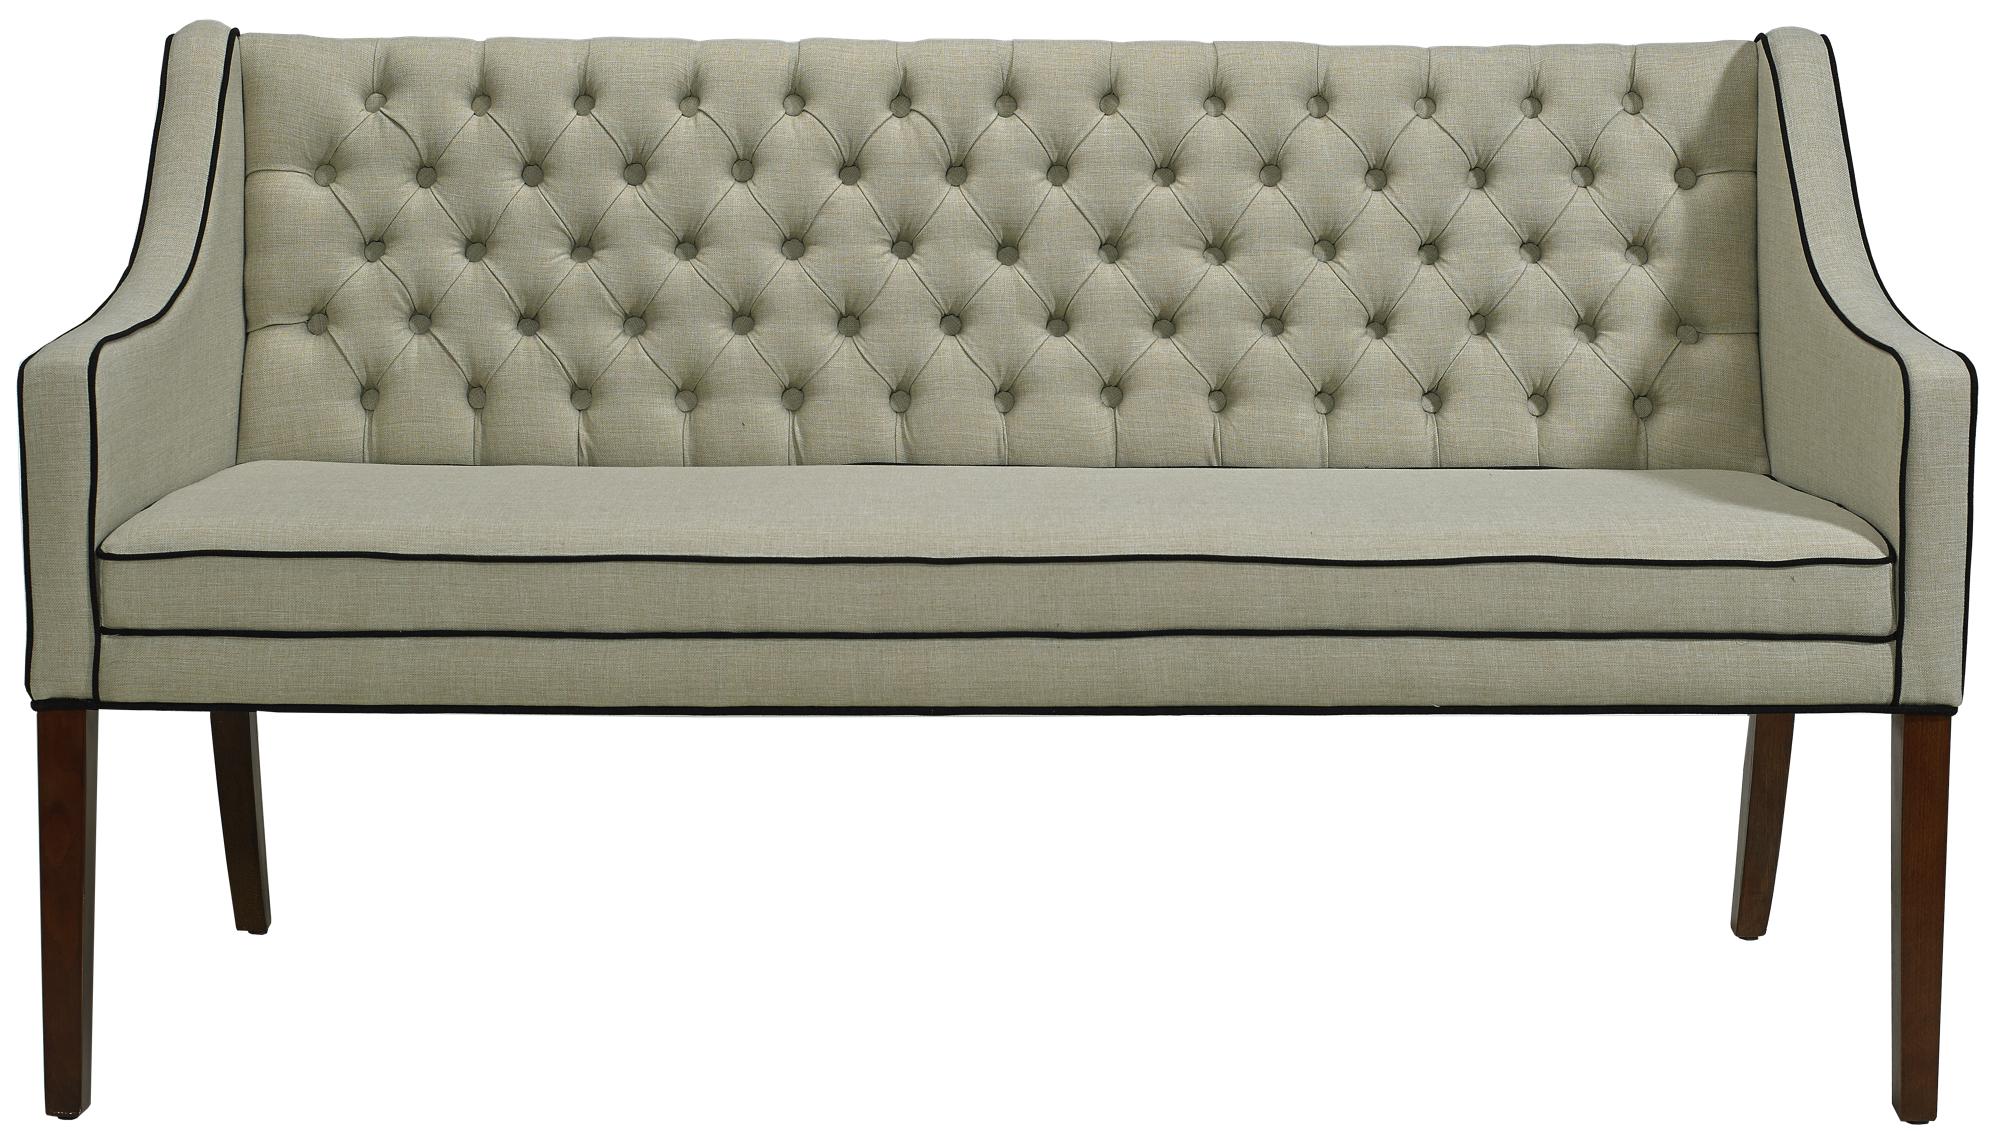 sylt living m bel bank ba01 maritime landhaus m bel im. Black Bedroom Furniture Sets. Home Design Ideas